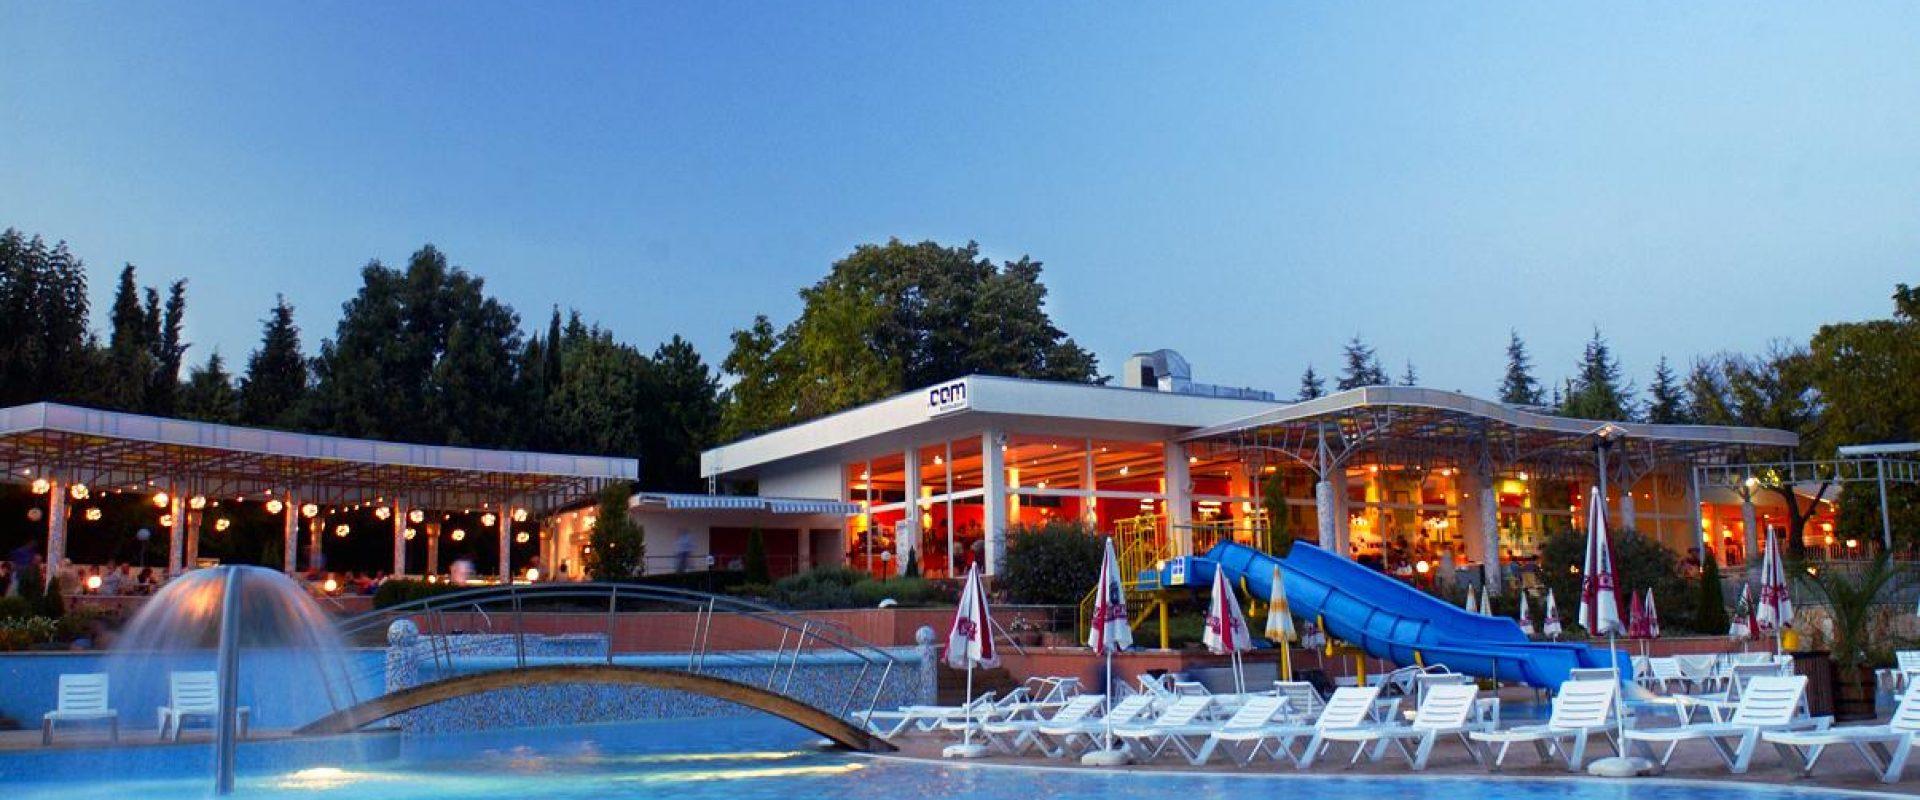 Odihna la mare in Bulgaria, Albena, Hotel Com